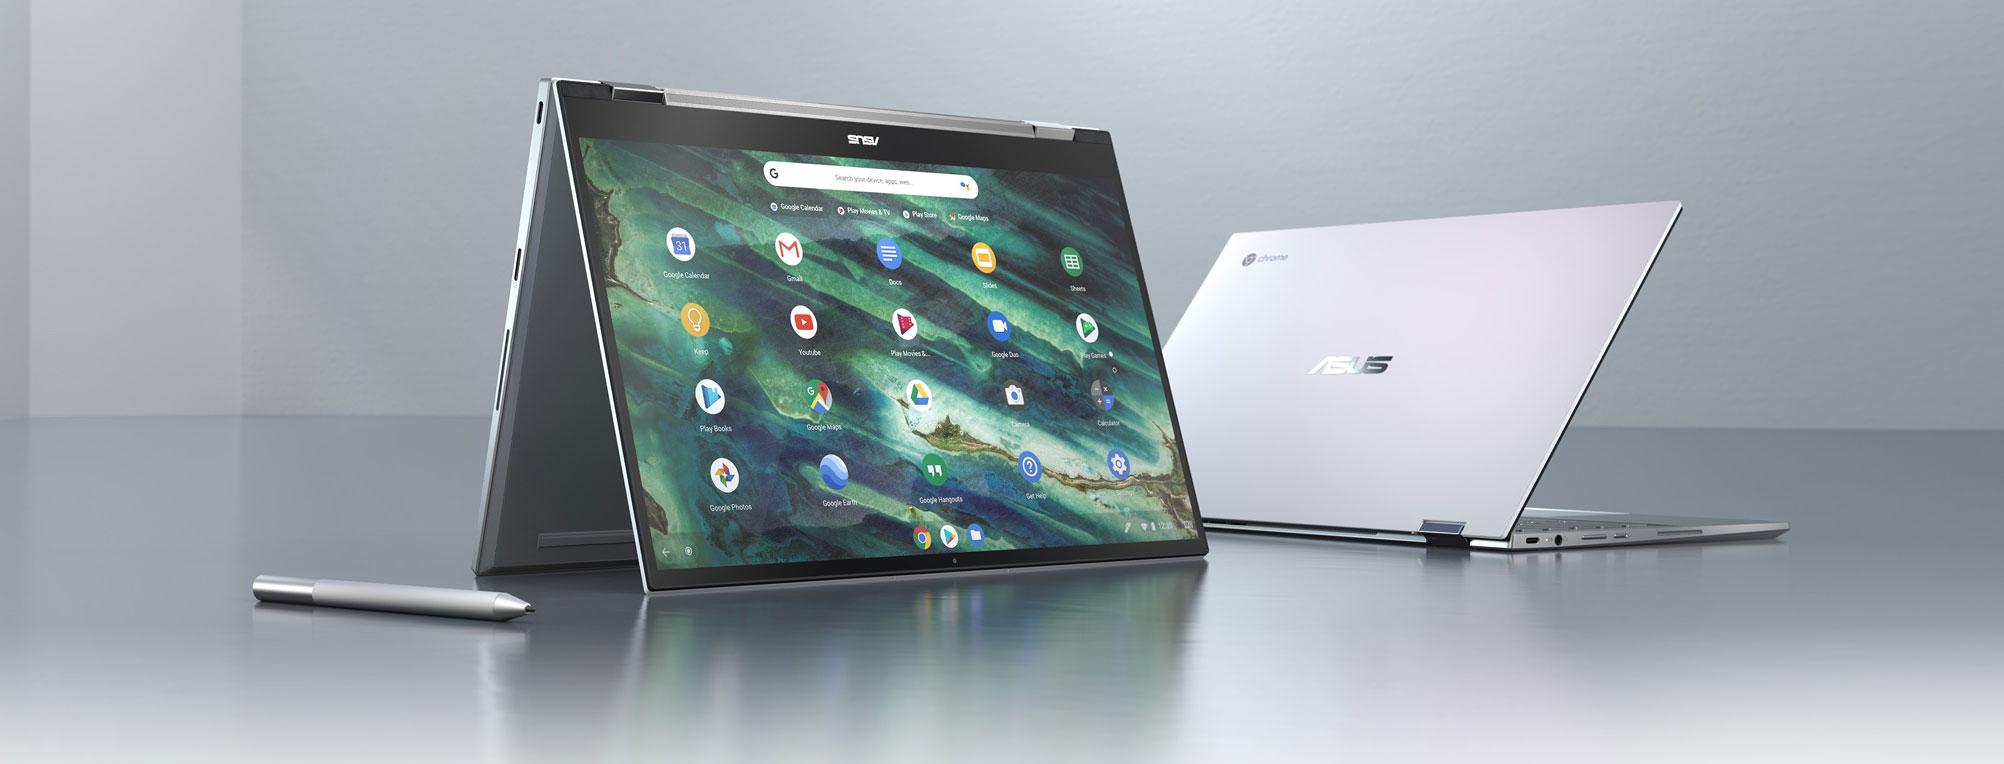 2020 Premium Asus Chromebook Flip C436FA